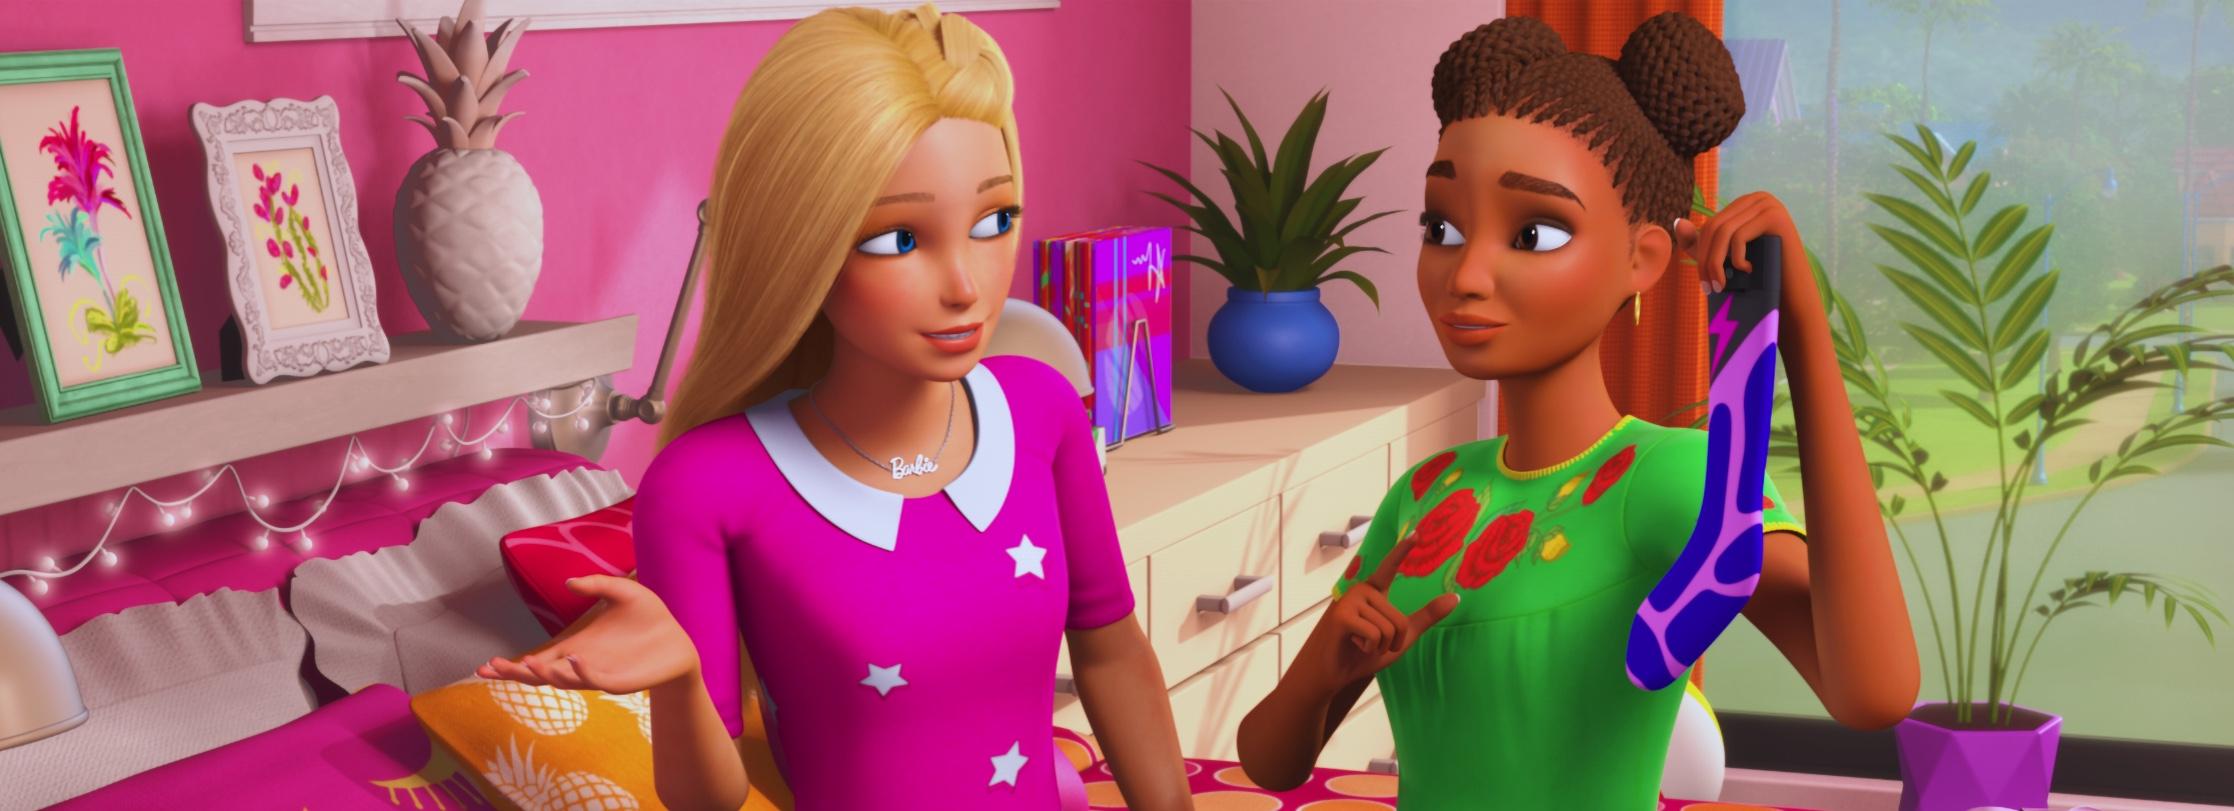 Programmation spéciale Barbie du 9 au 15 octobre sur Gulli et TiJi